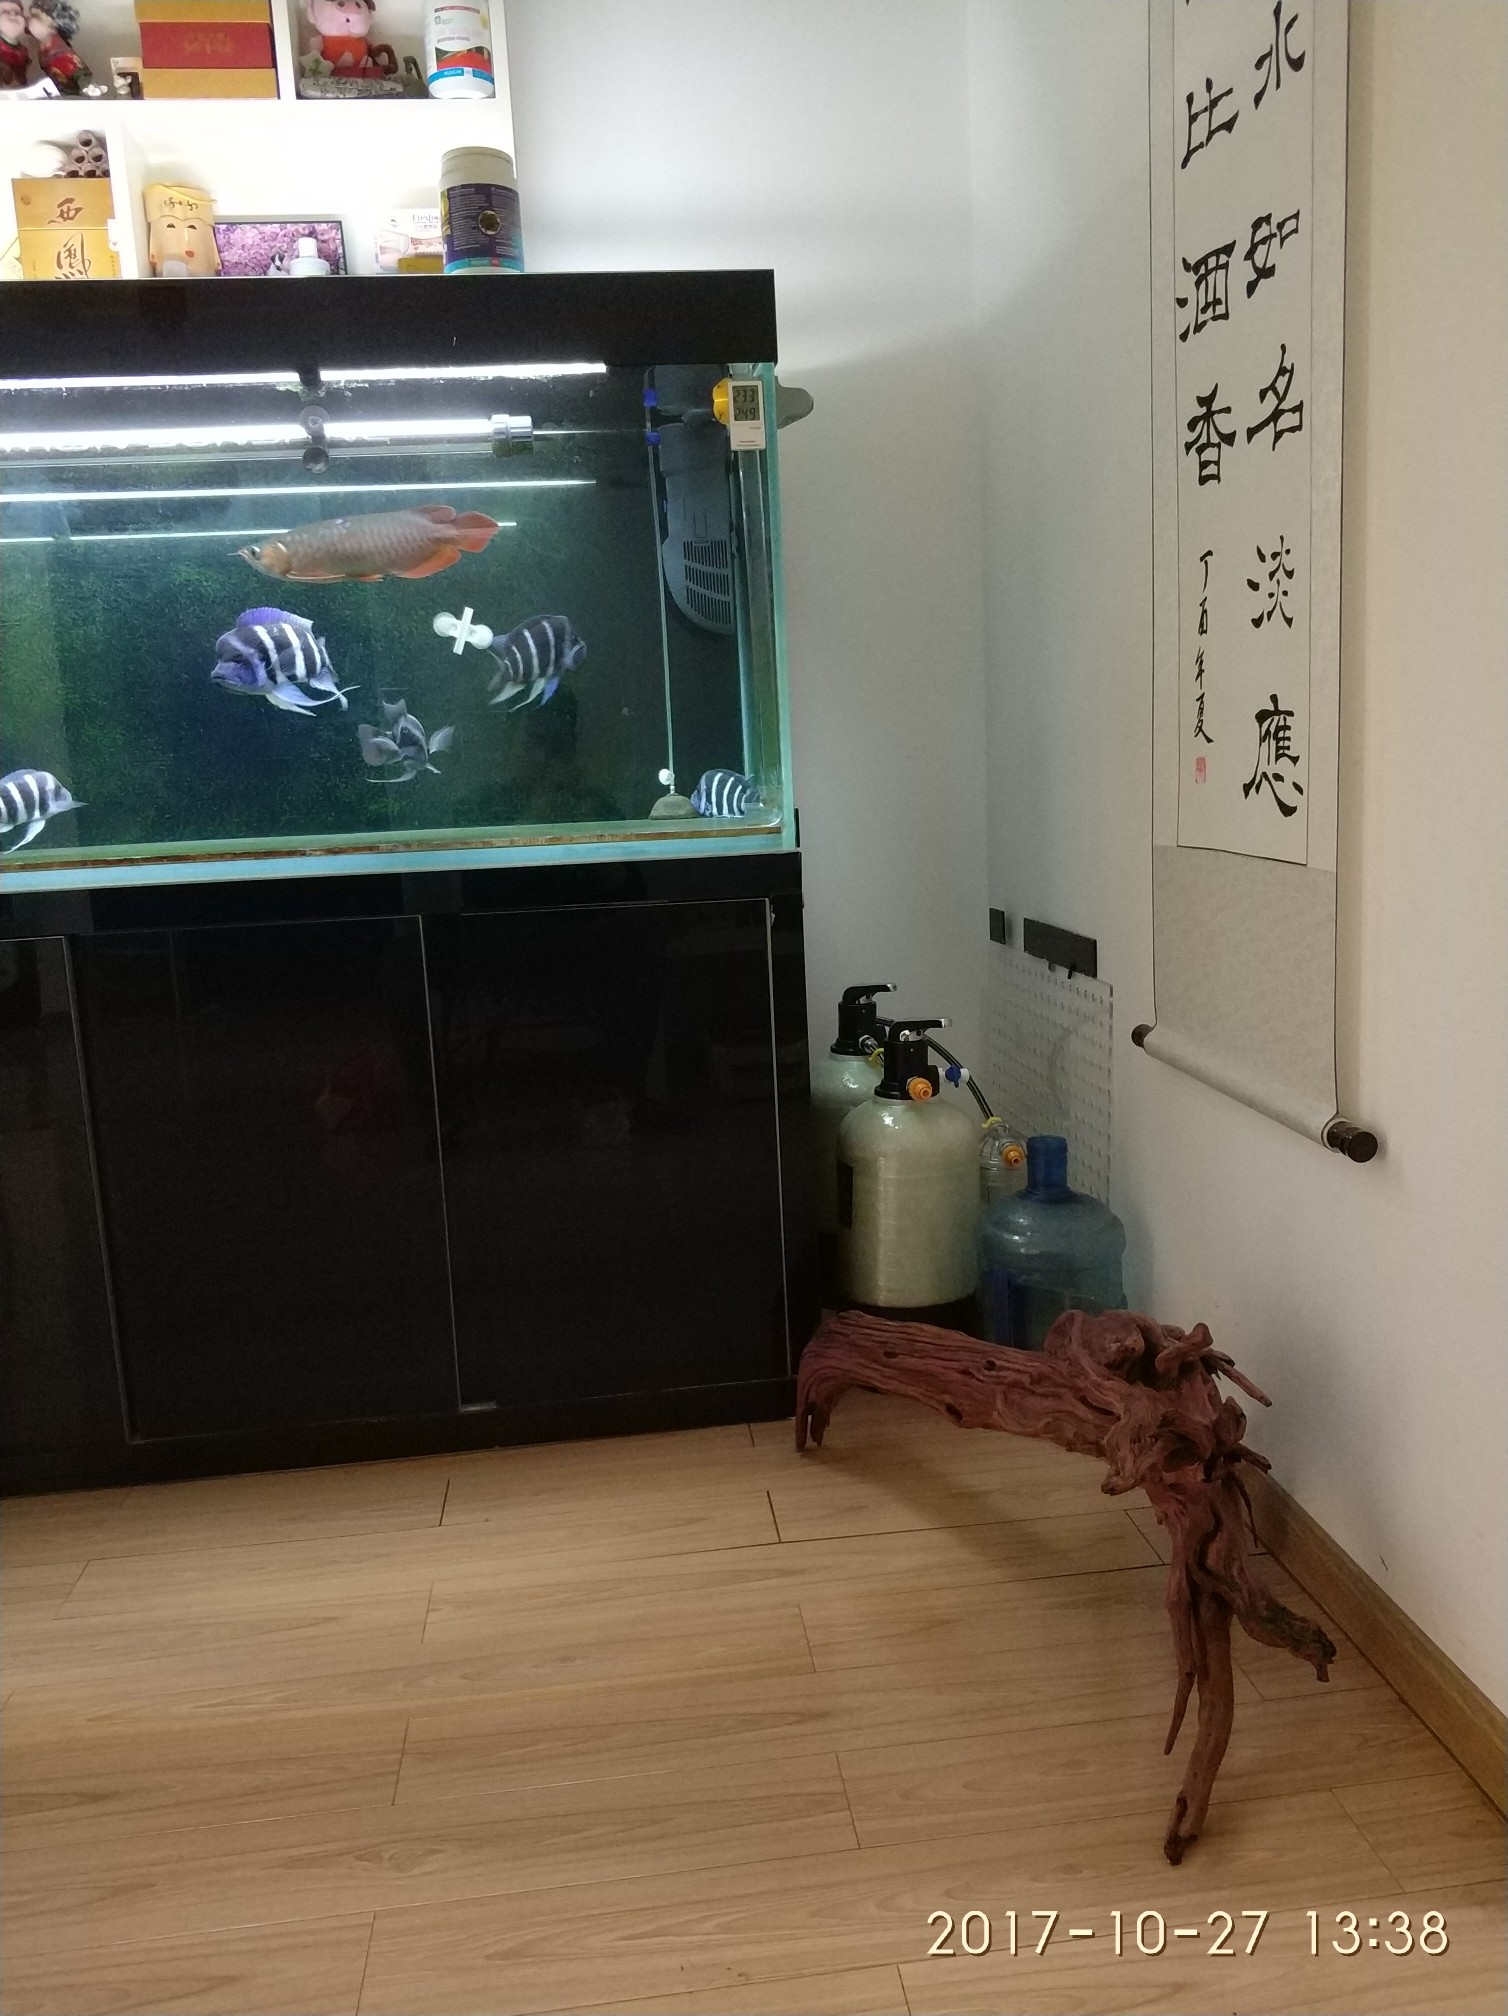 晒晒我的鱼们 西安观赏鱼信息 西安博特第6张